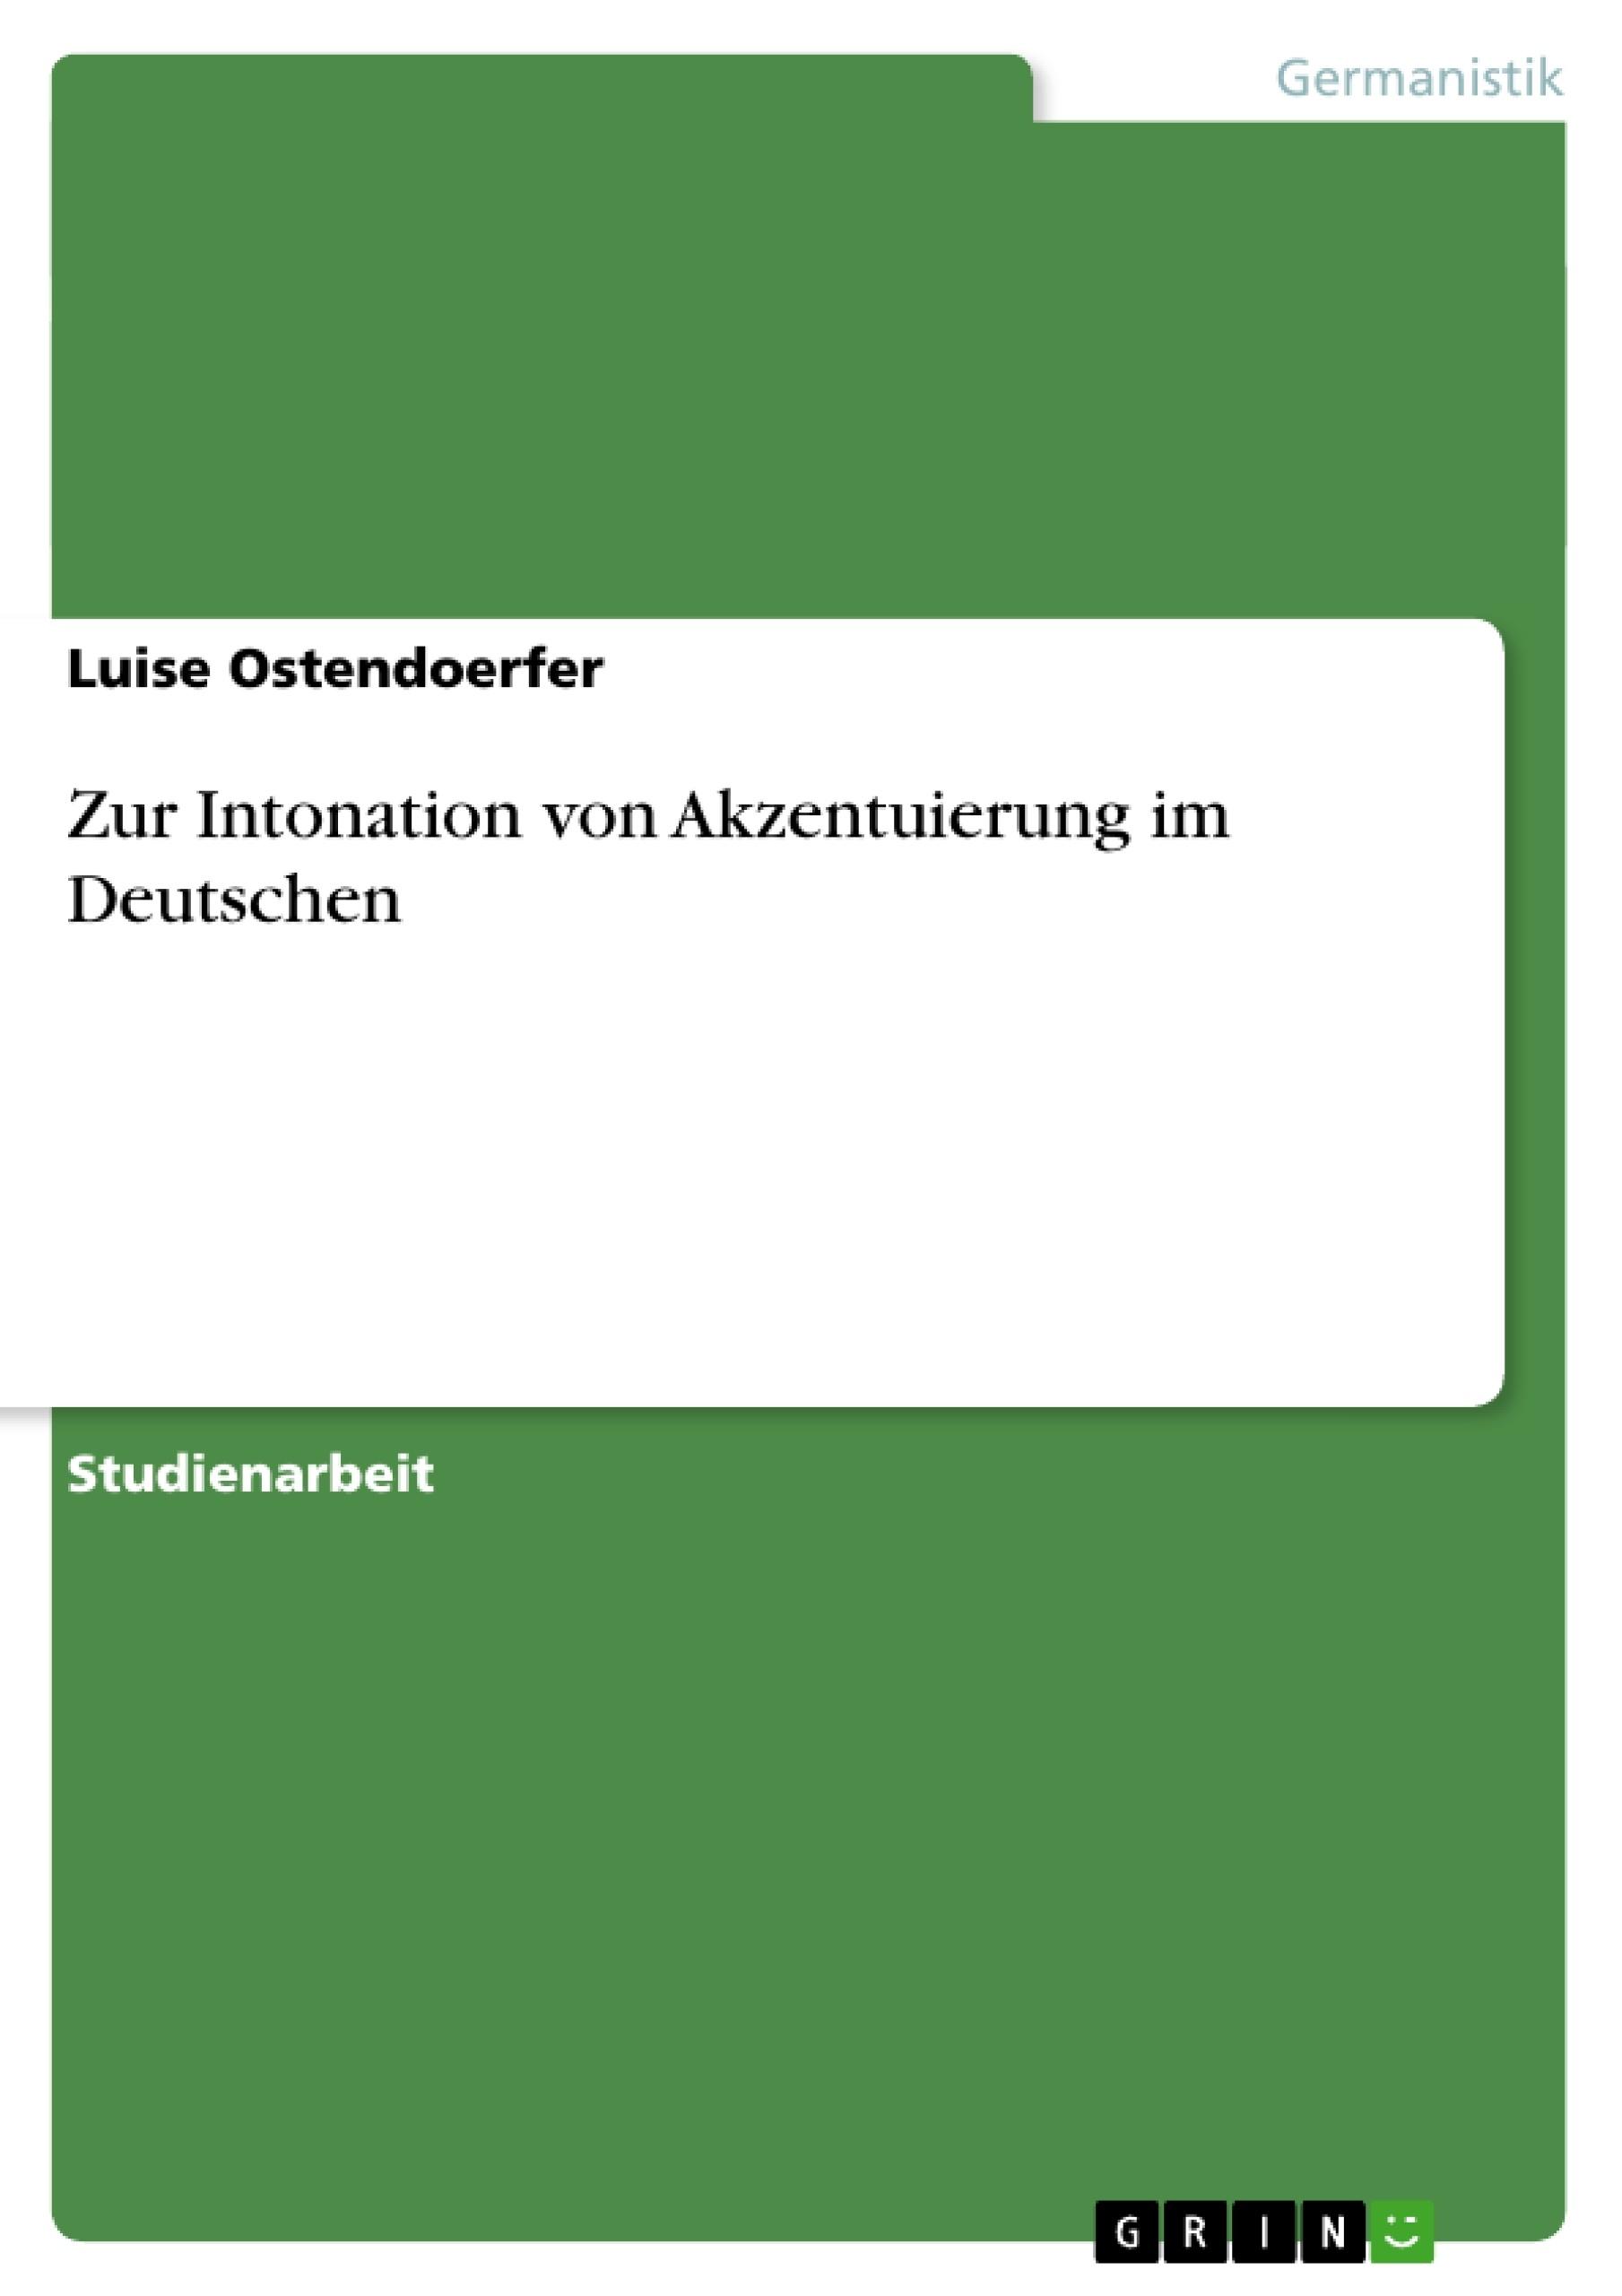 Titel: Zur Intonation von Akzentuierung im Deutschen